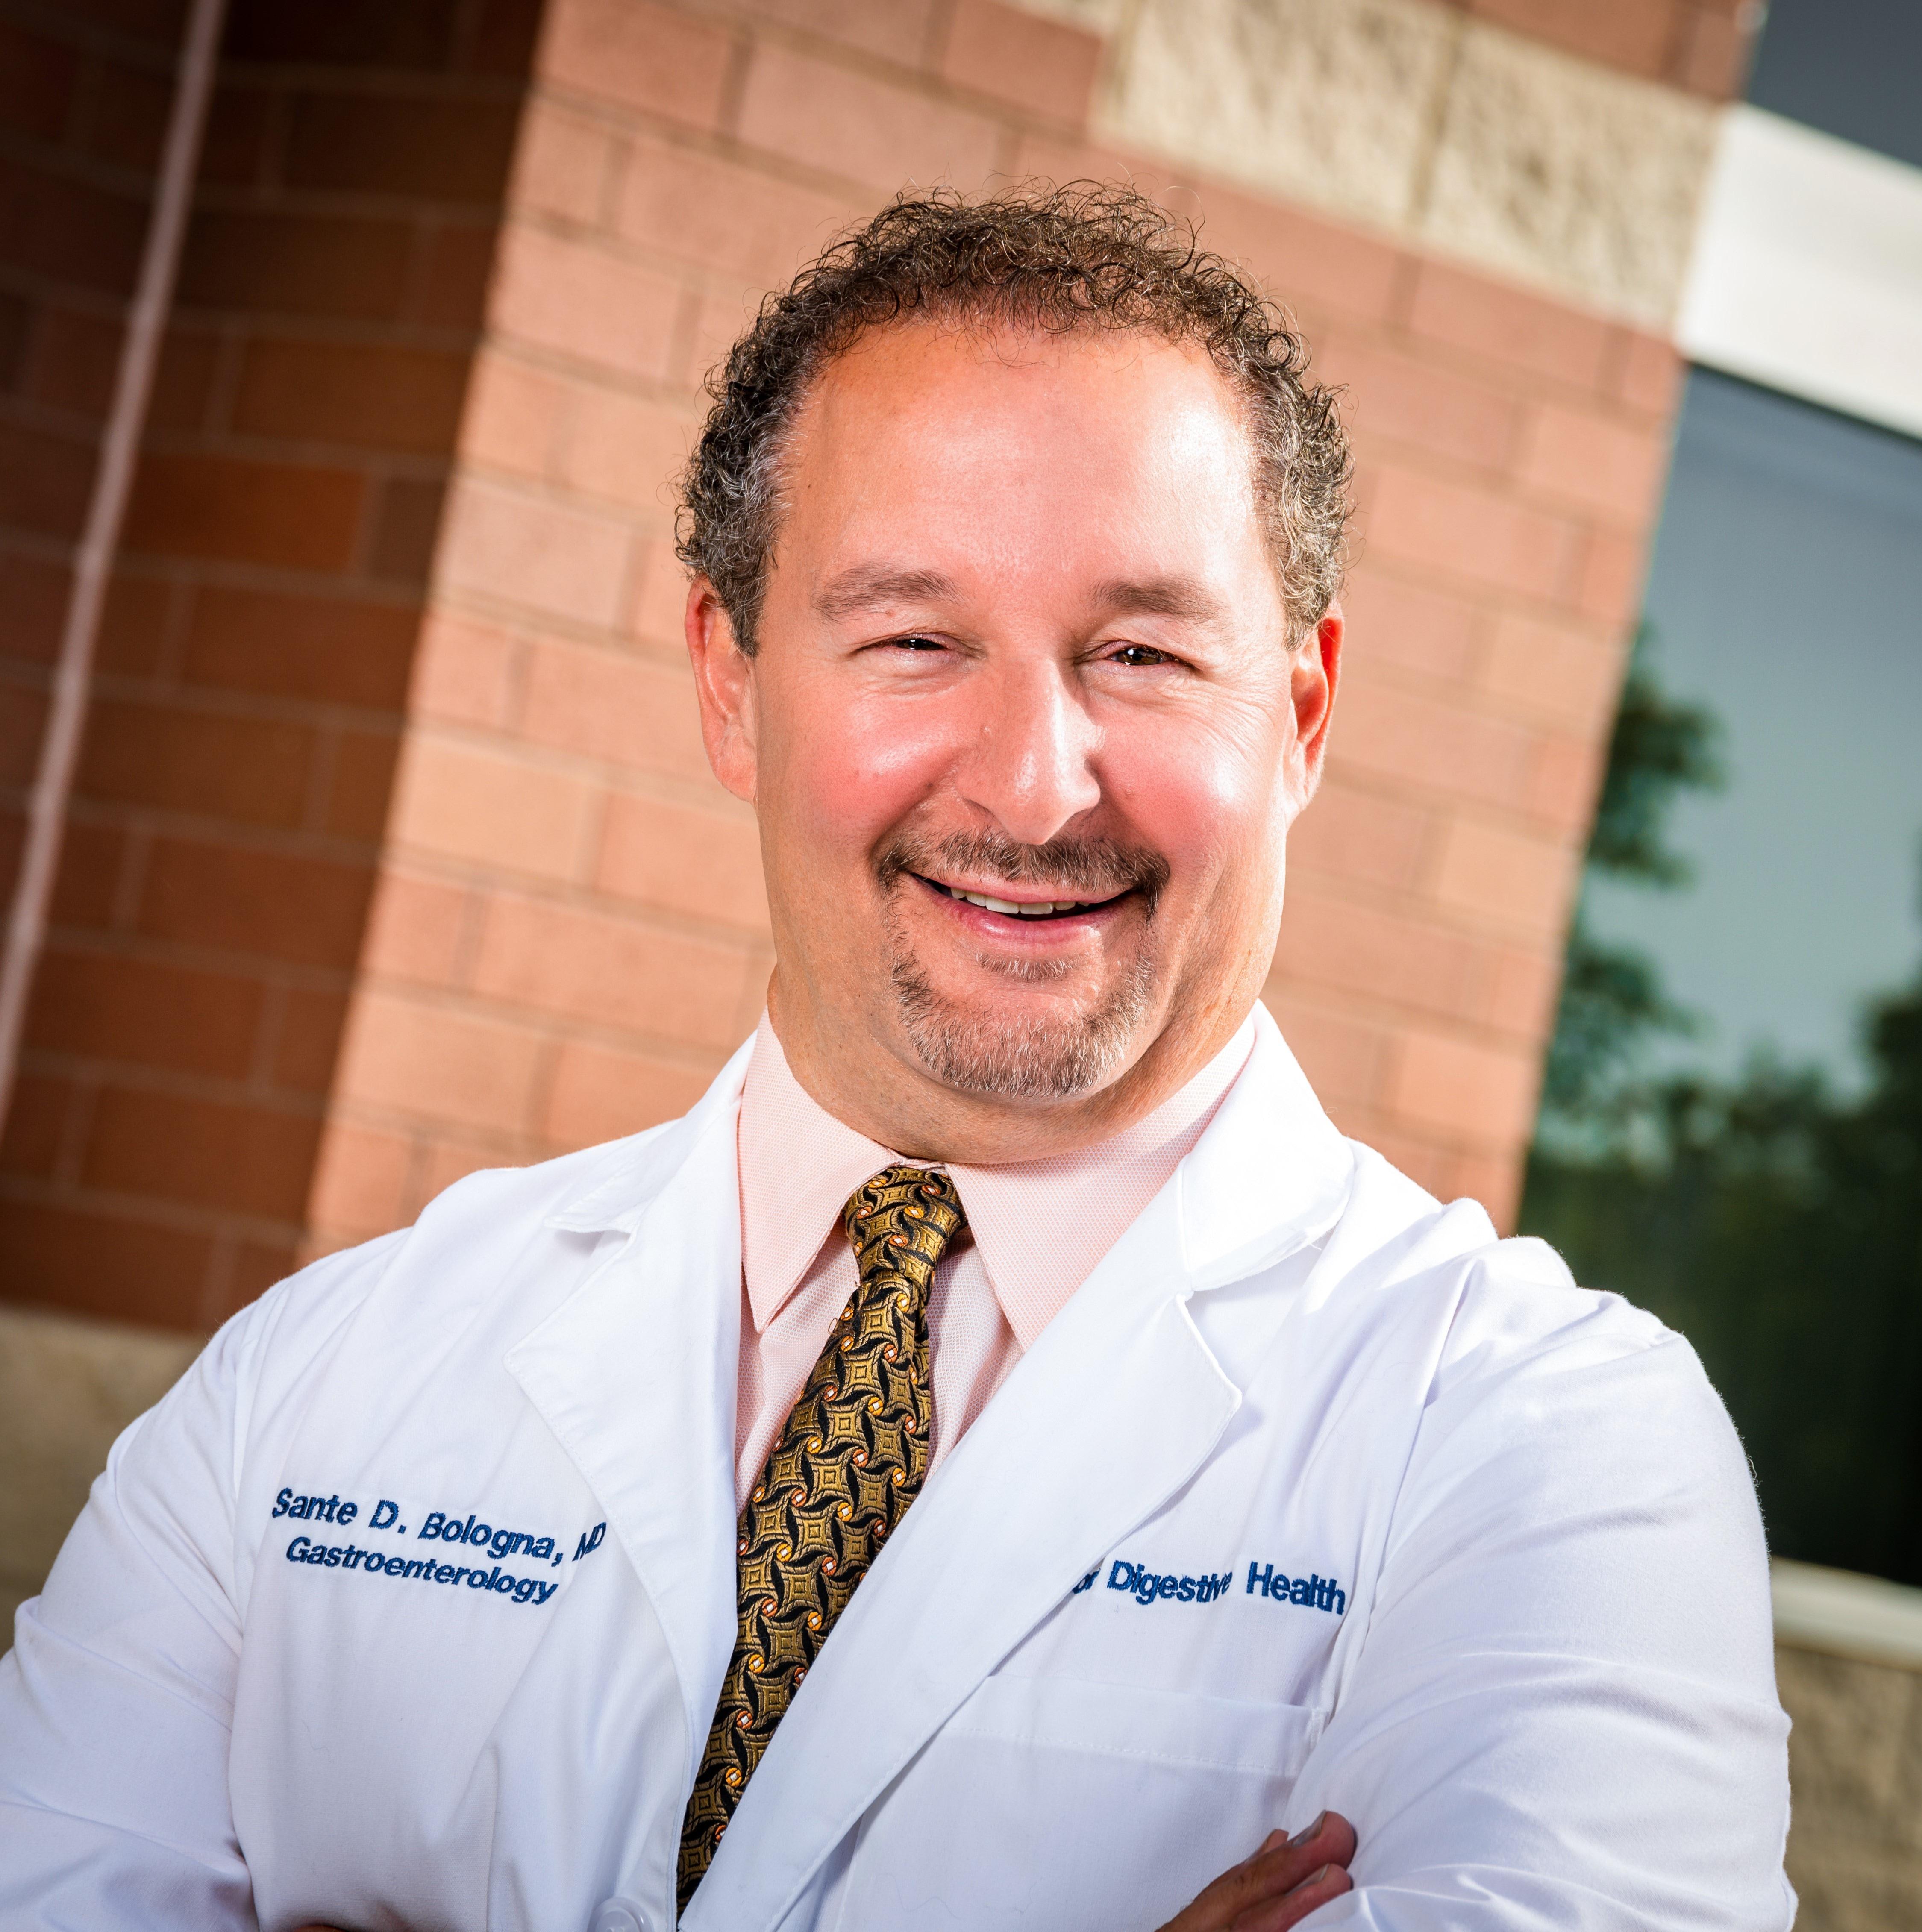 Dr. Sante D Bologna MD